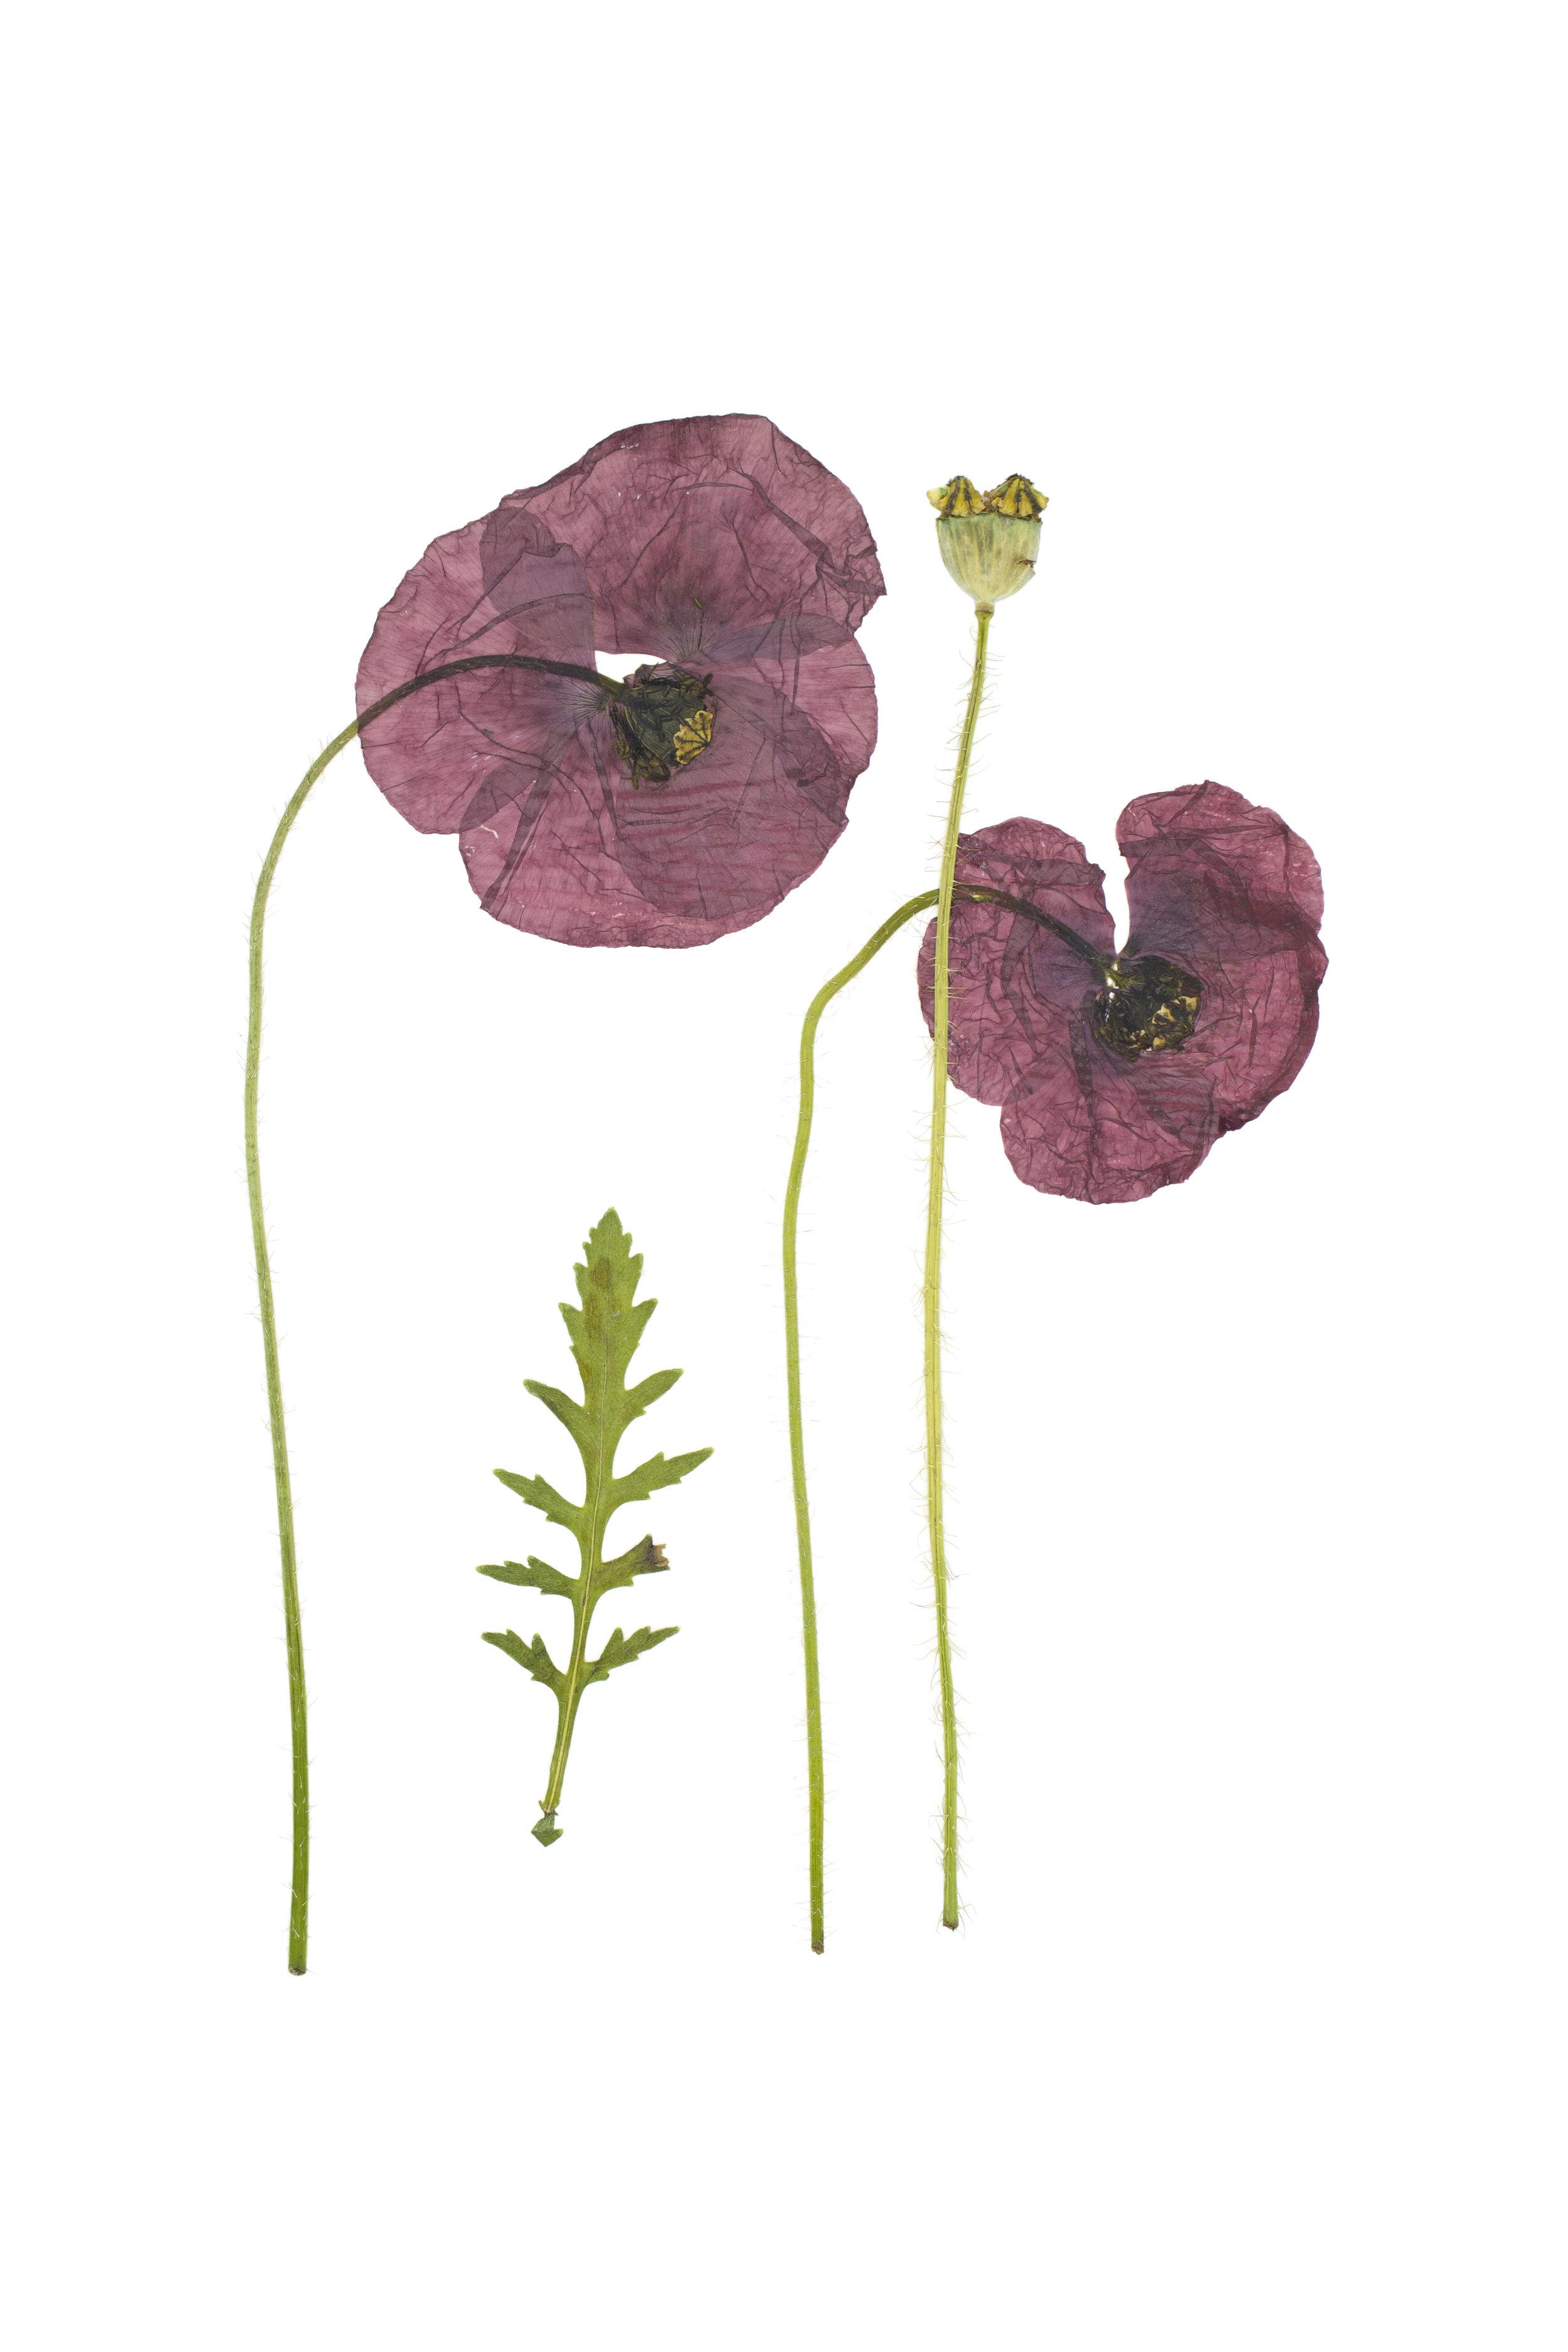 Field Poppy / Papaver rhoeas